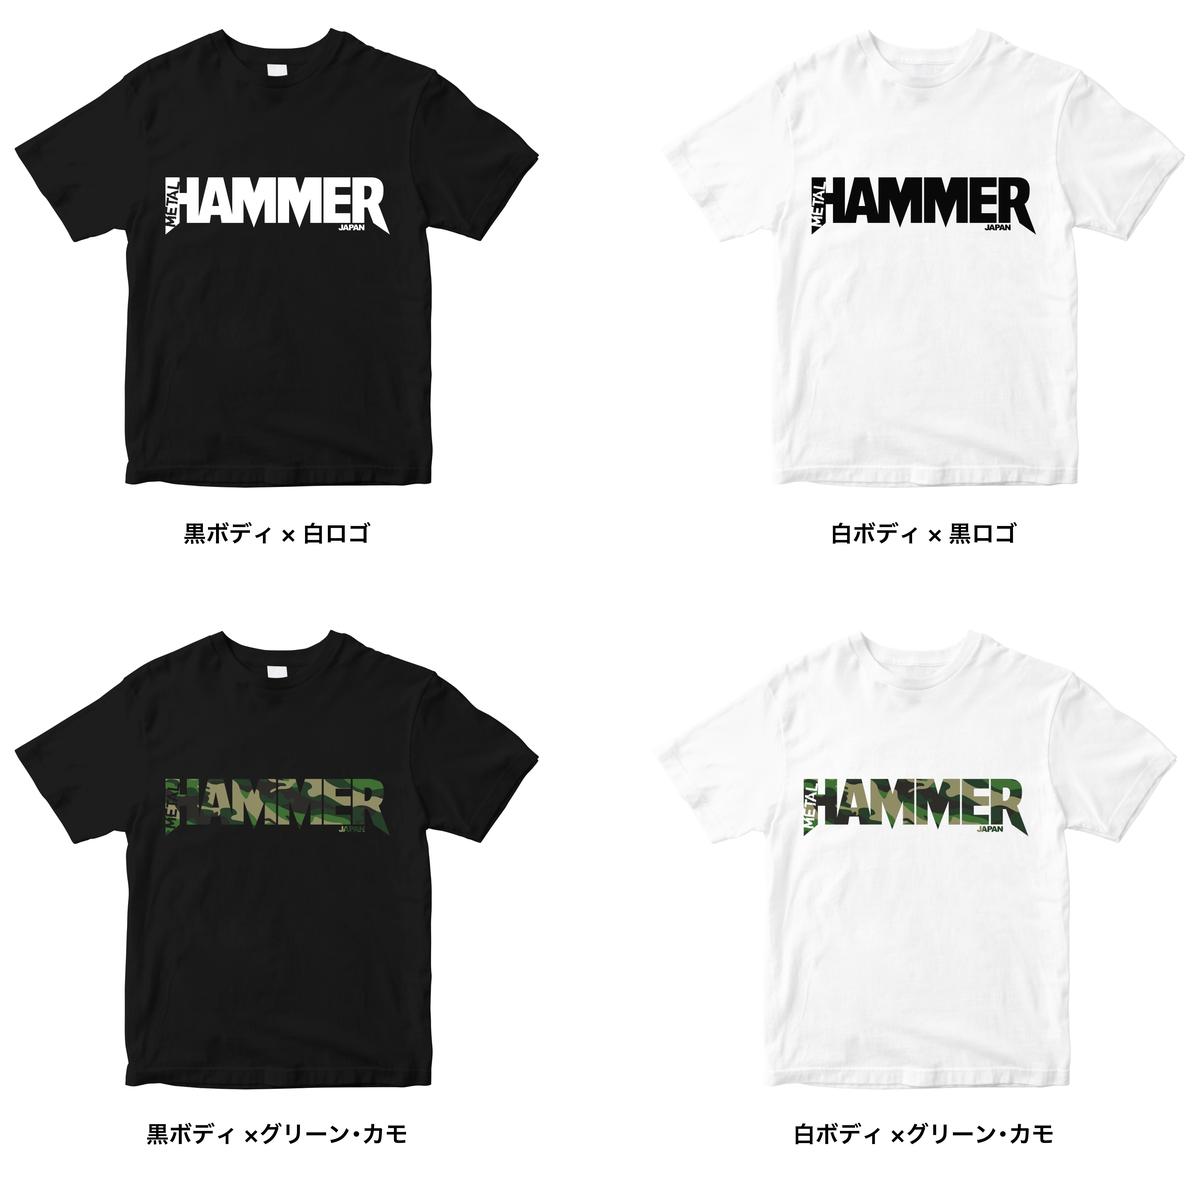 f:id:metalhammer:20200904211528j:plain